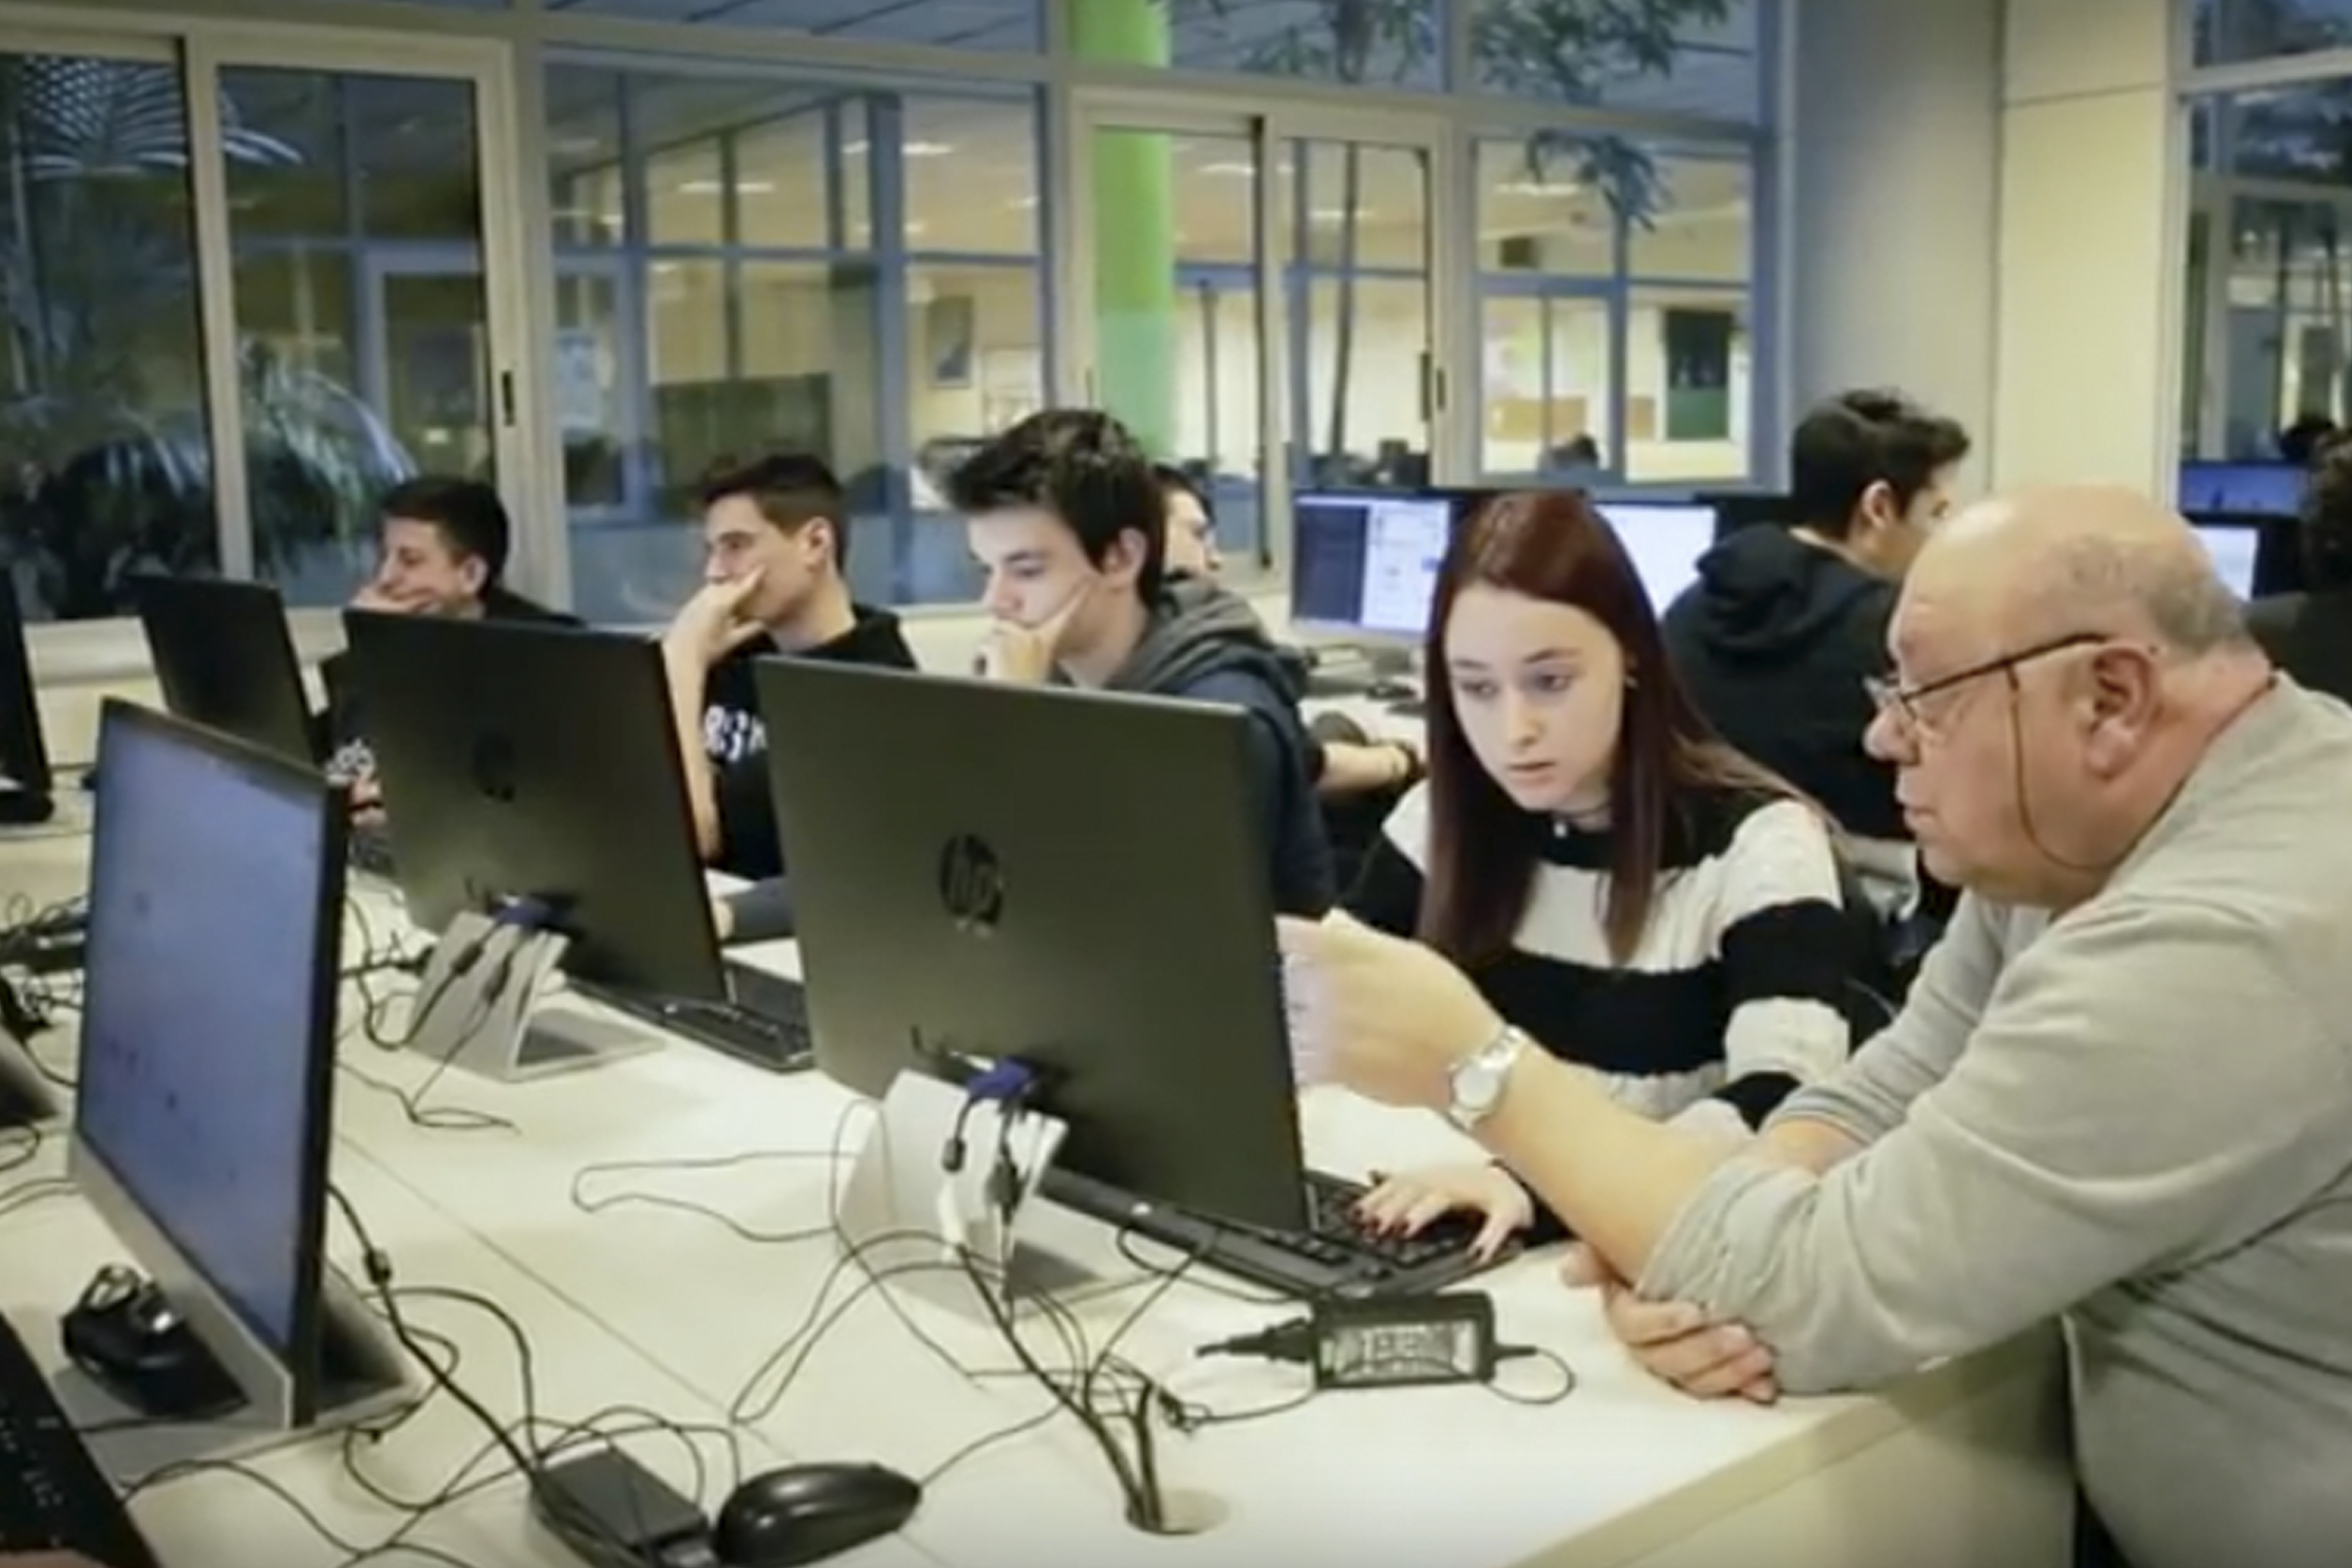 Desenvolupament d'aplicacions web & Digital Marketing